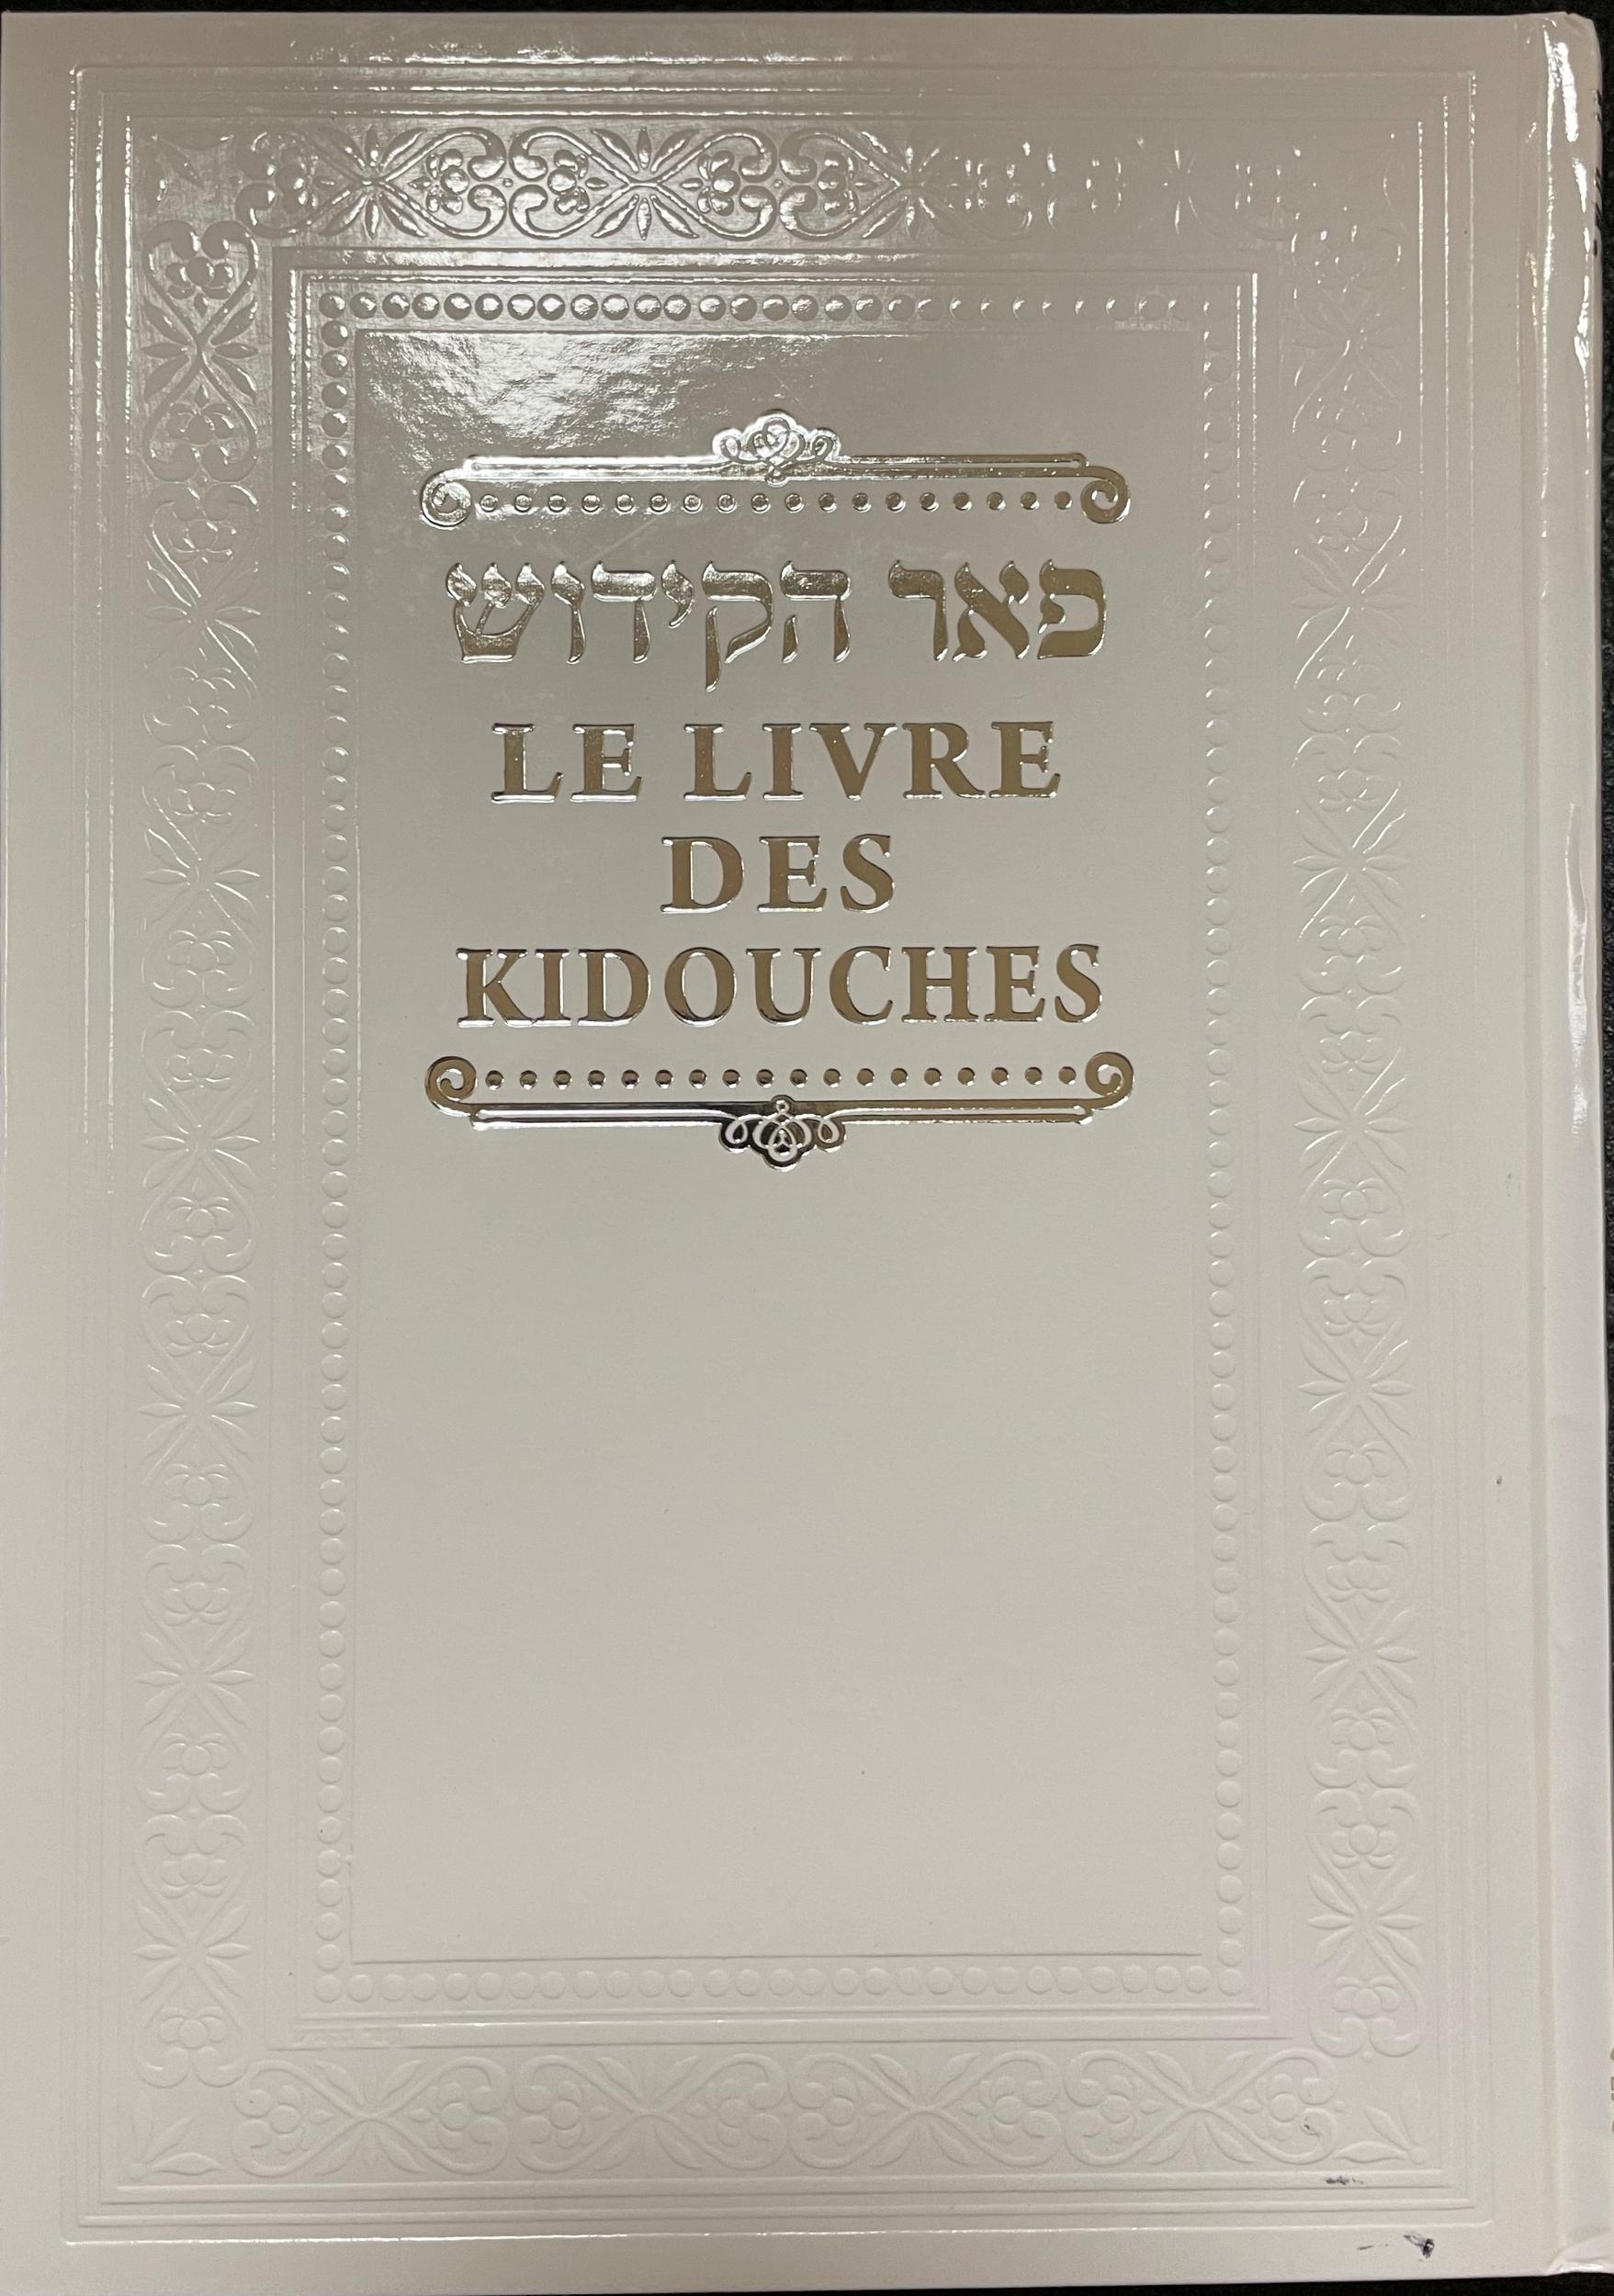 LE LIVRE DES KIDDOUSH ET DES HAVDALOTH hébreu-phonétique